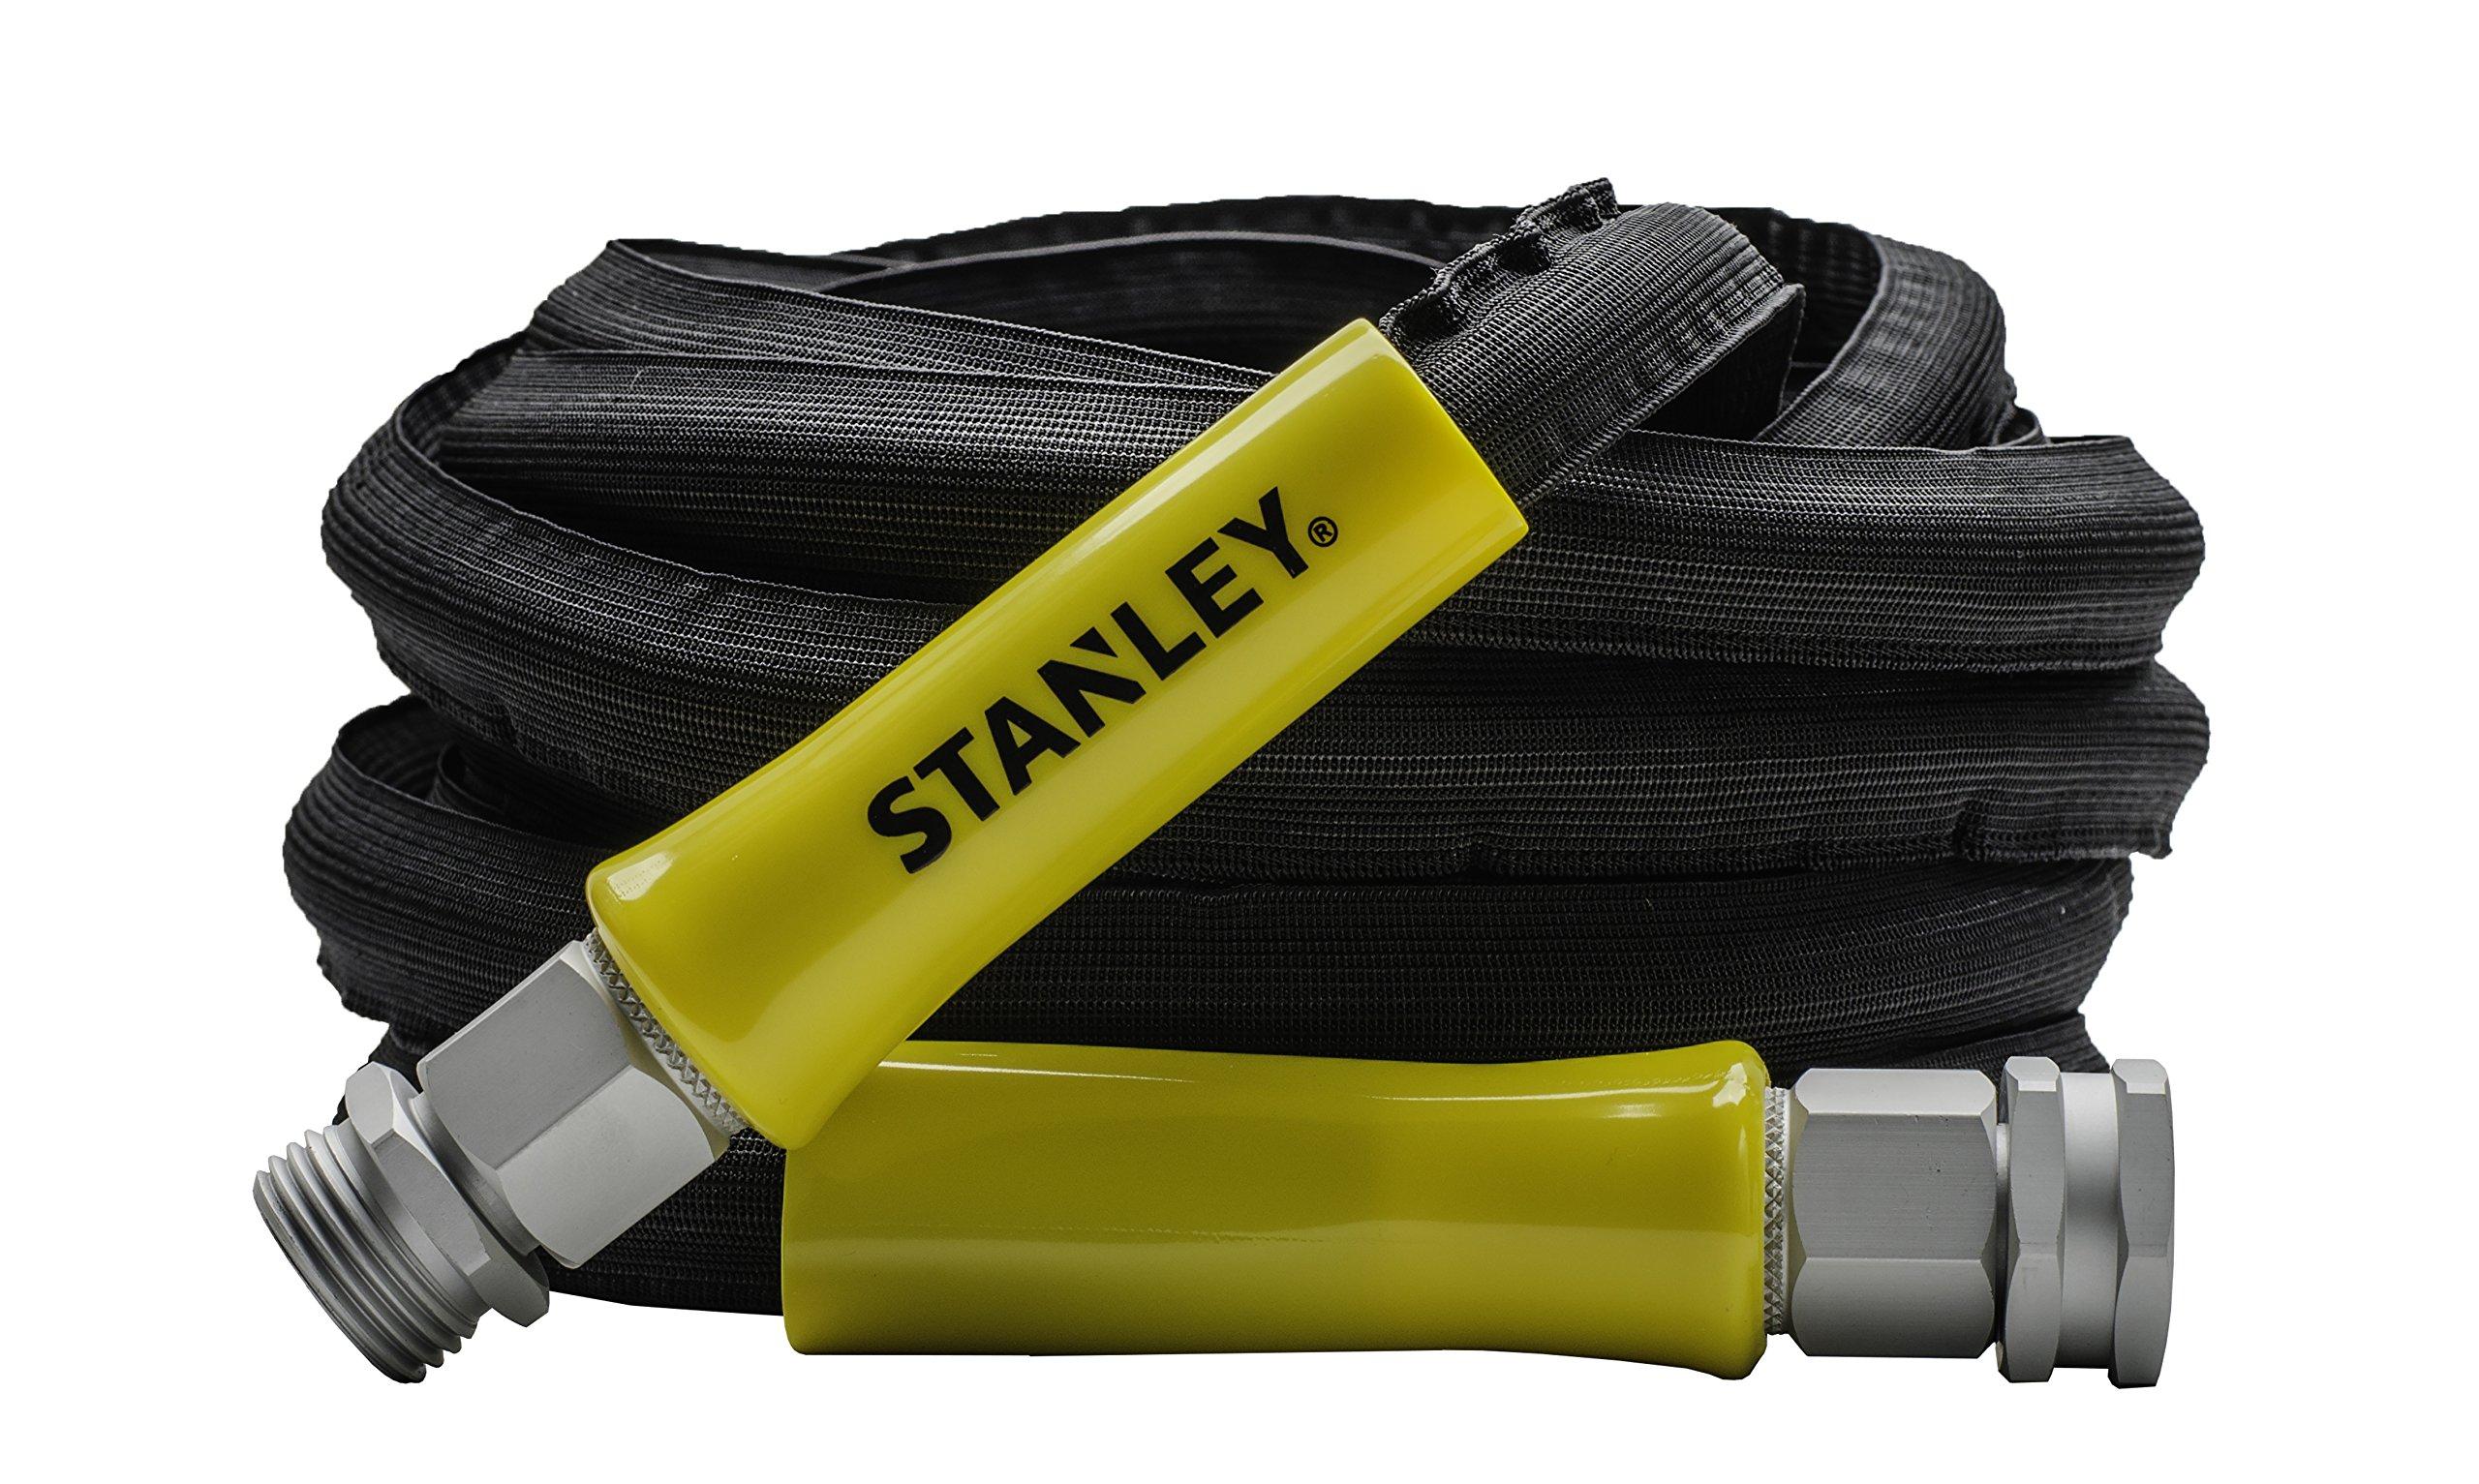 Stanley Garden BDS7327 Expanding 50 Foot